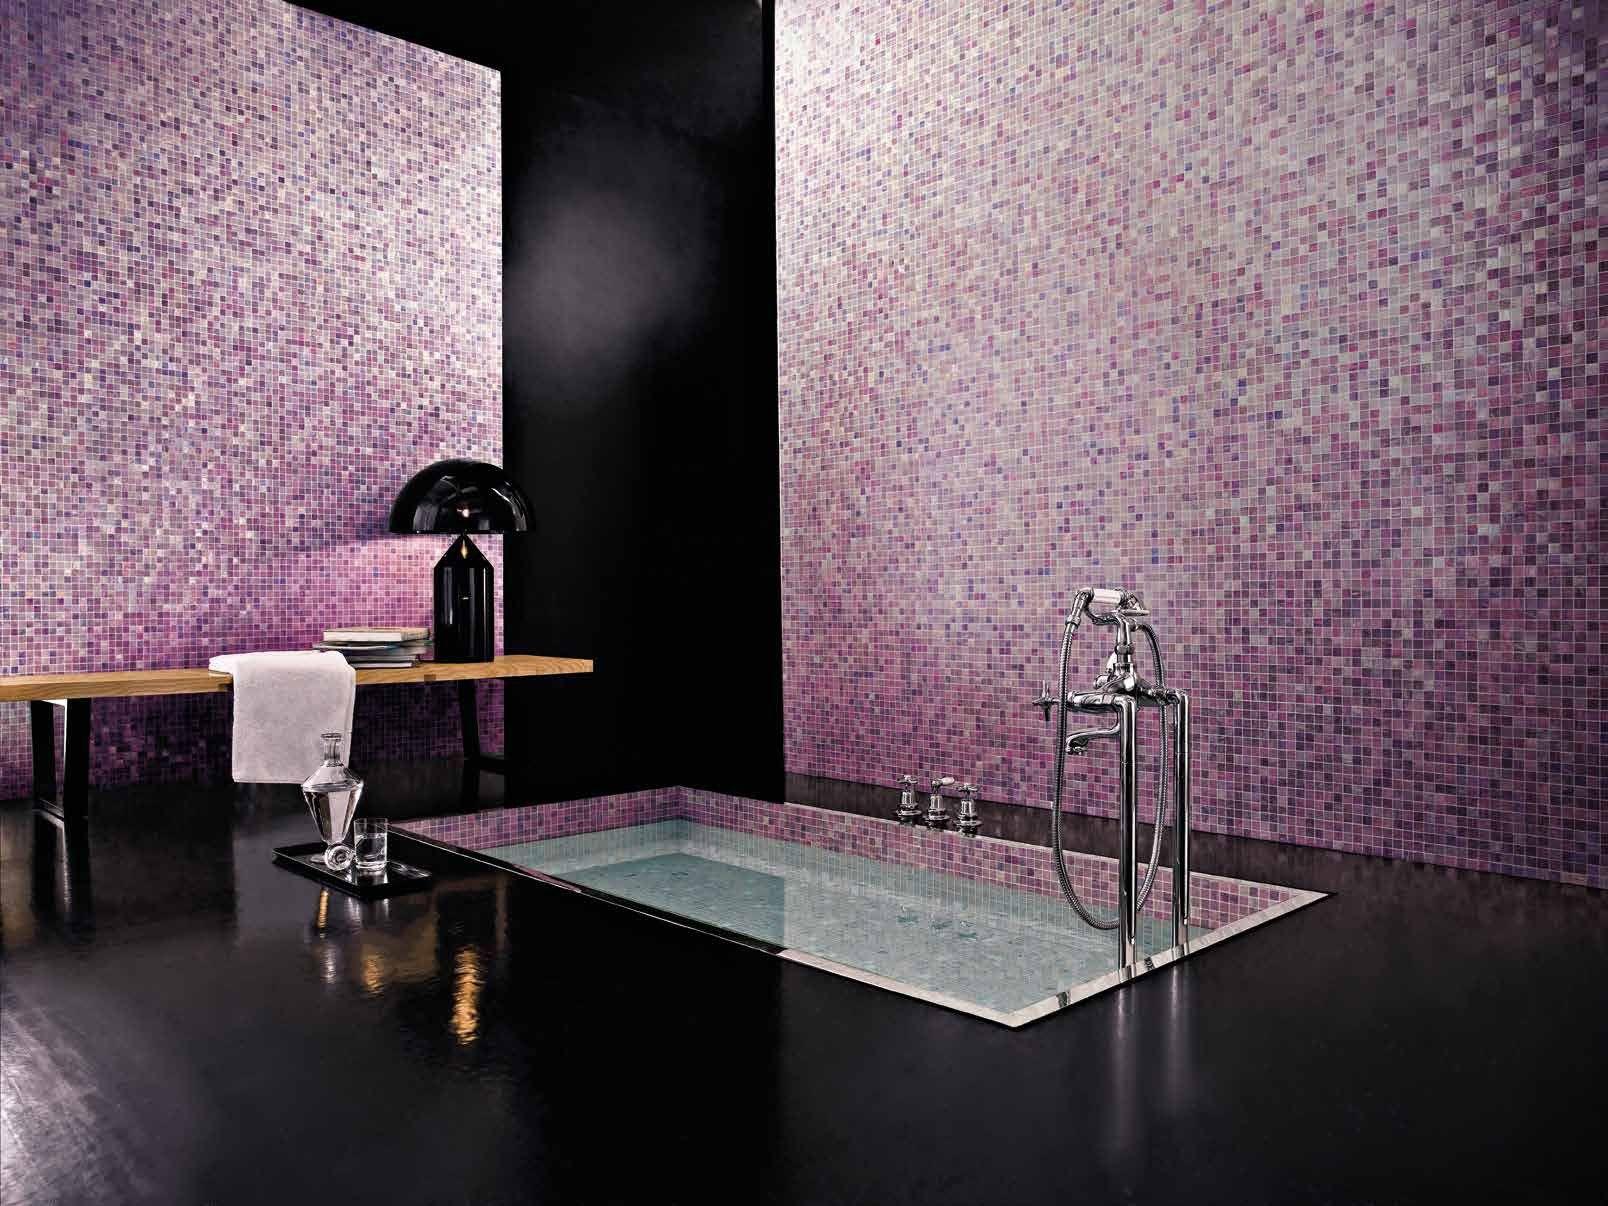 #Bisazza #Miscele 2x2 Cm Kyoto | Glass | Im Angebot Auf #bad39.de 214  Euro/Pckg. | #Mosaik #Bad #Küche